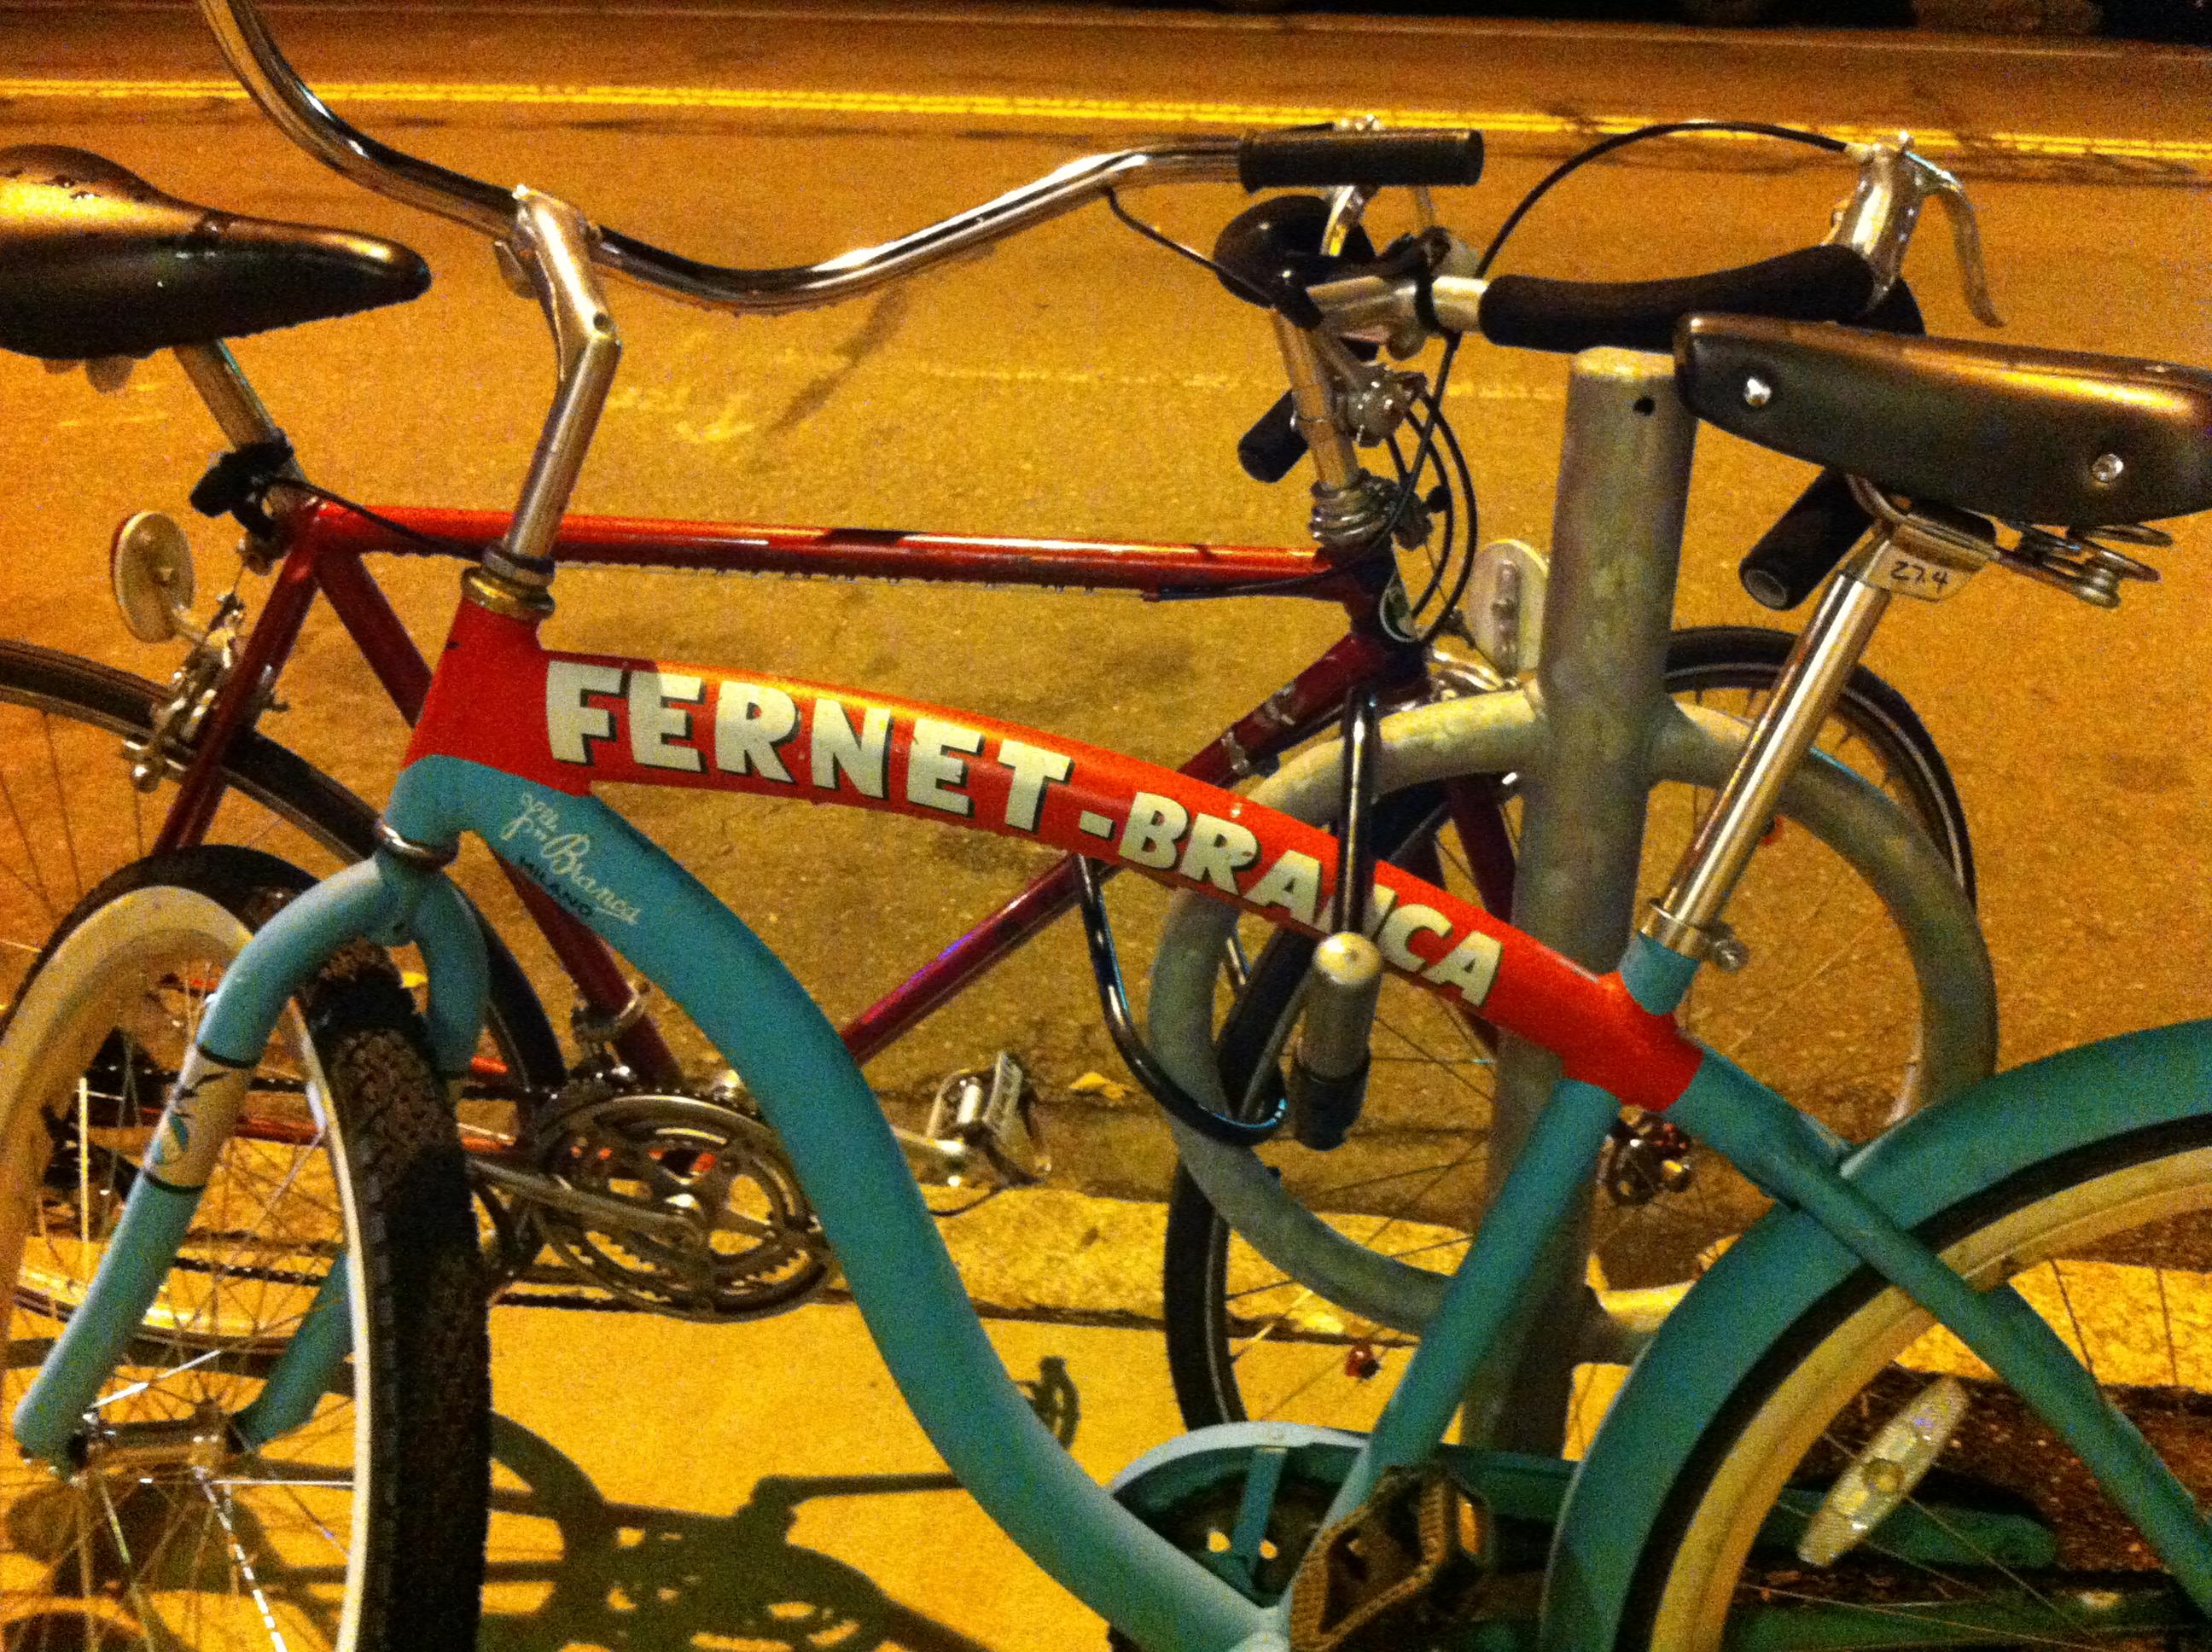 Fernet Branca Bike